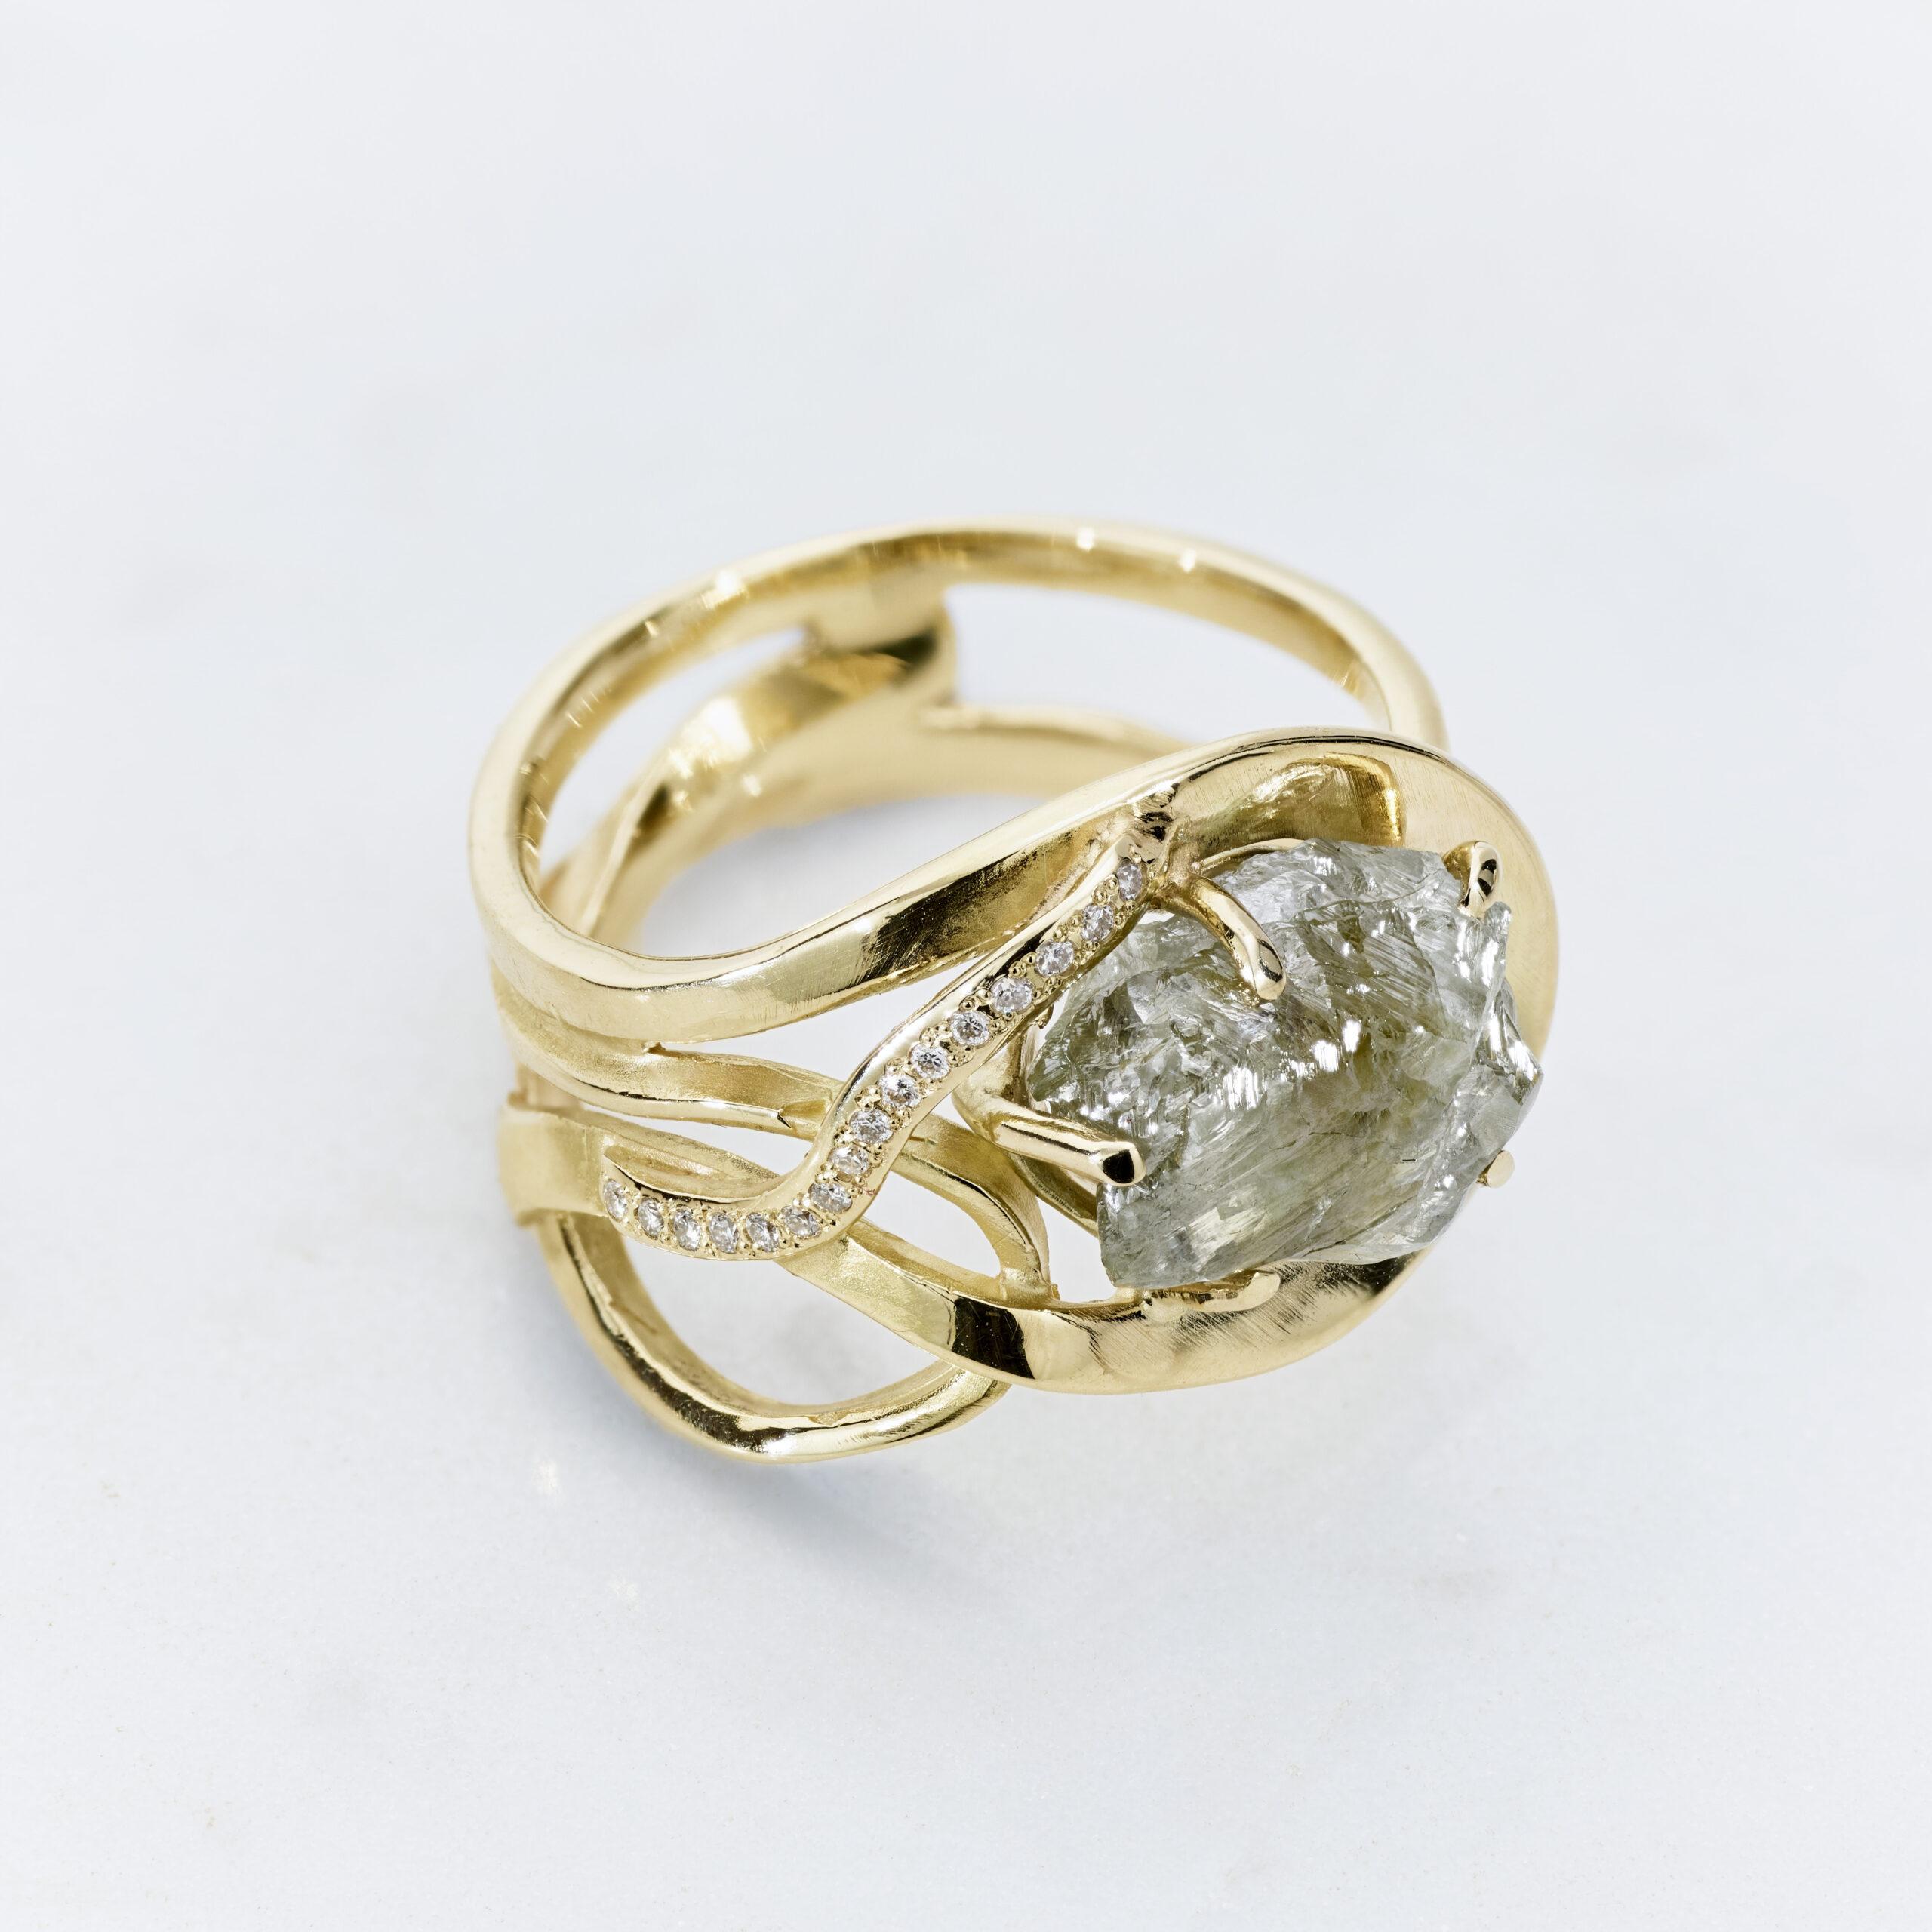 Ravissant geel gouden en rosé gouden ring met grote ruwe diamant en geslepen diamanten